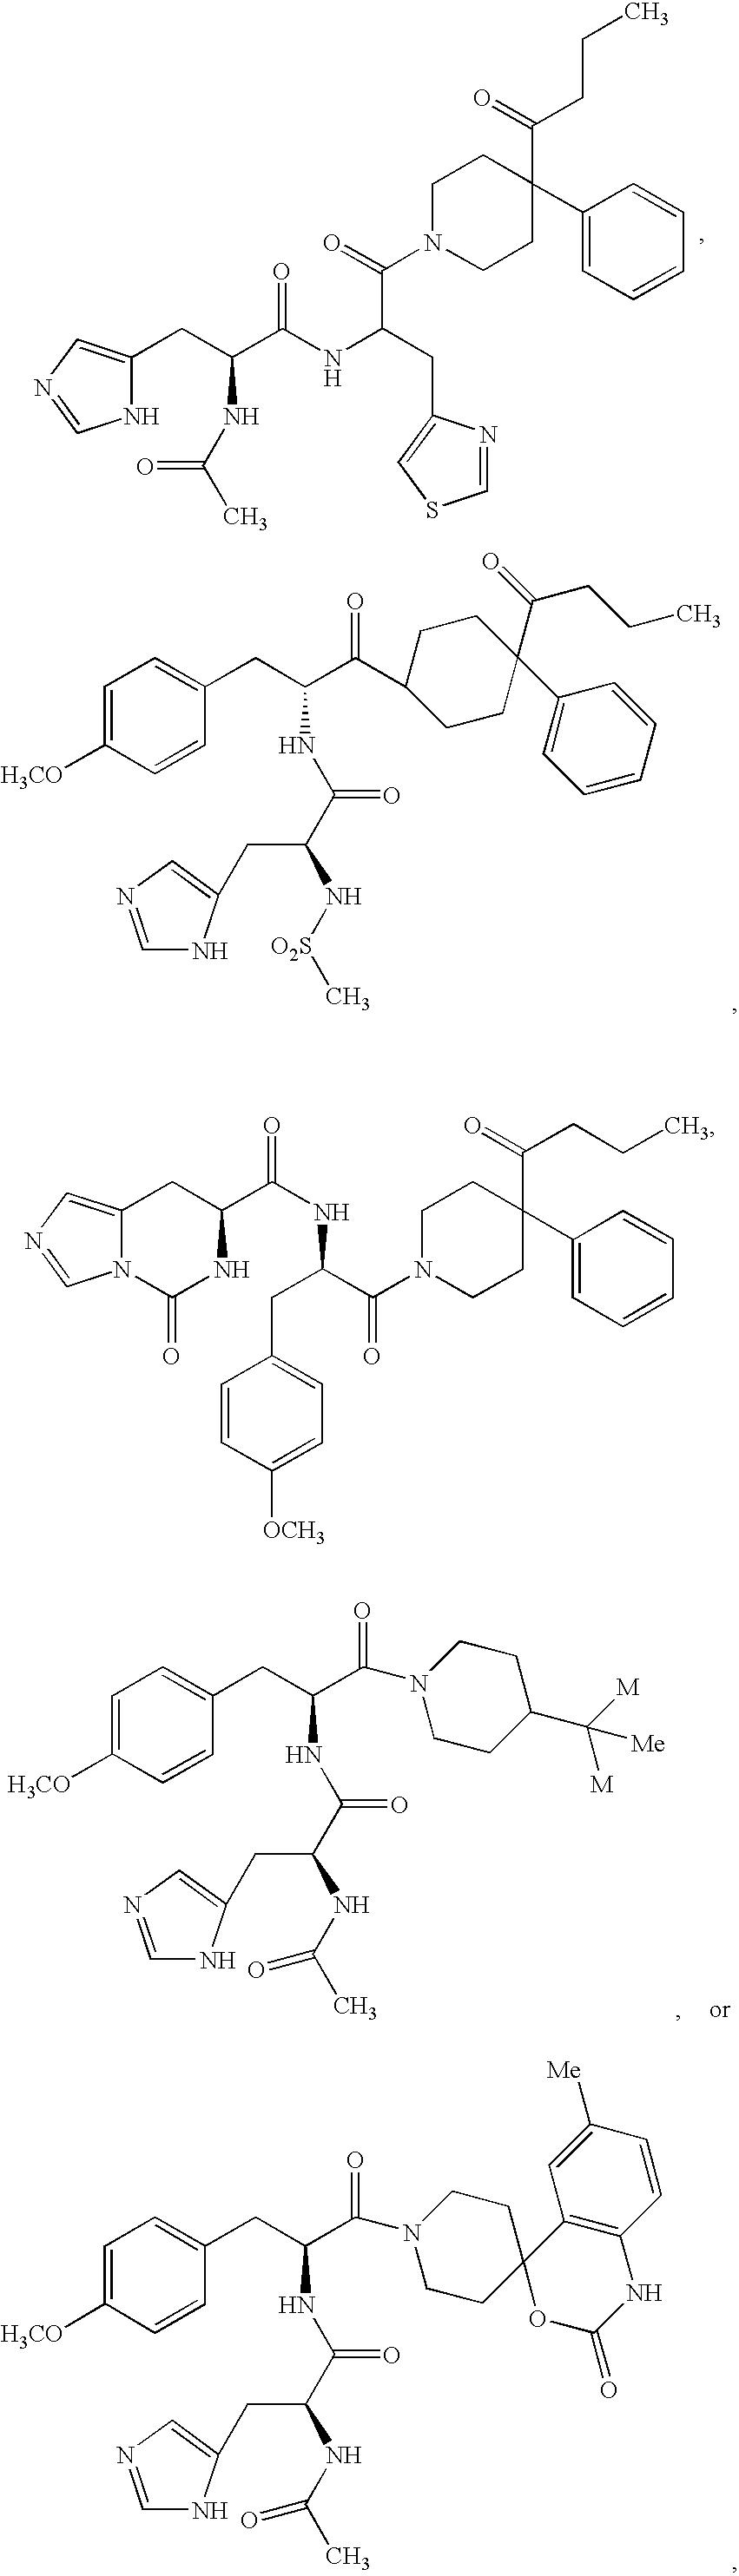 Figure US20040229882A1-20041118-C00388